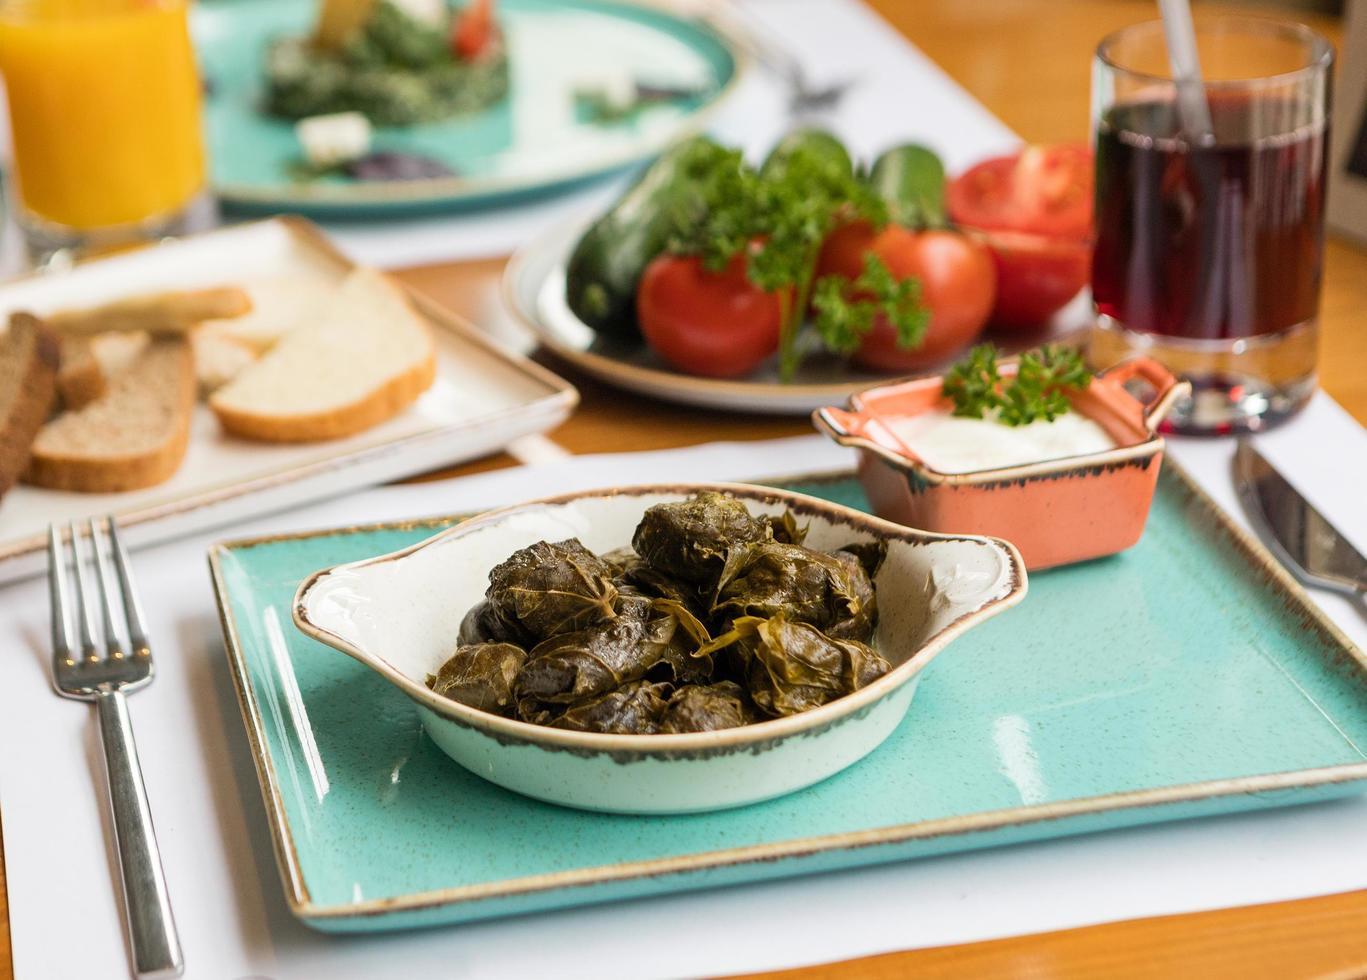 Dolmas mit Gemüse auf dem Tisch foto